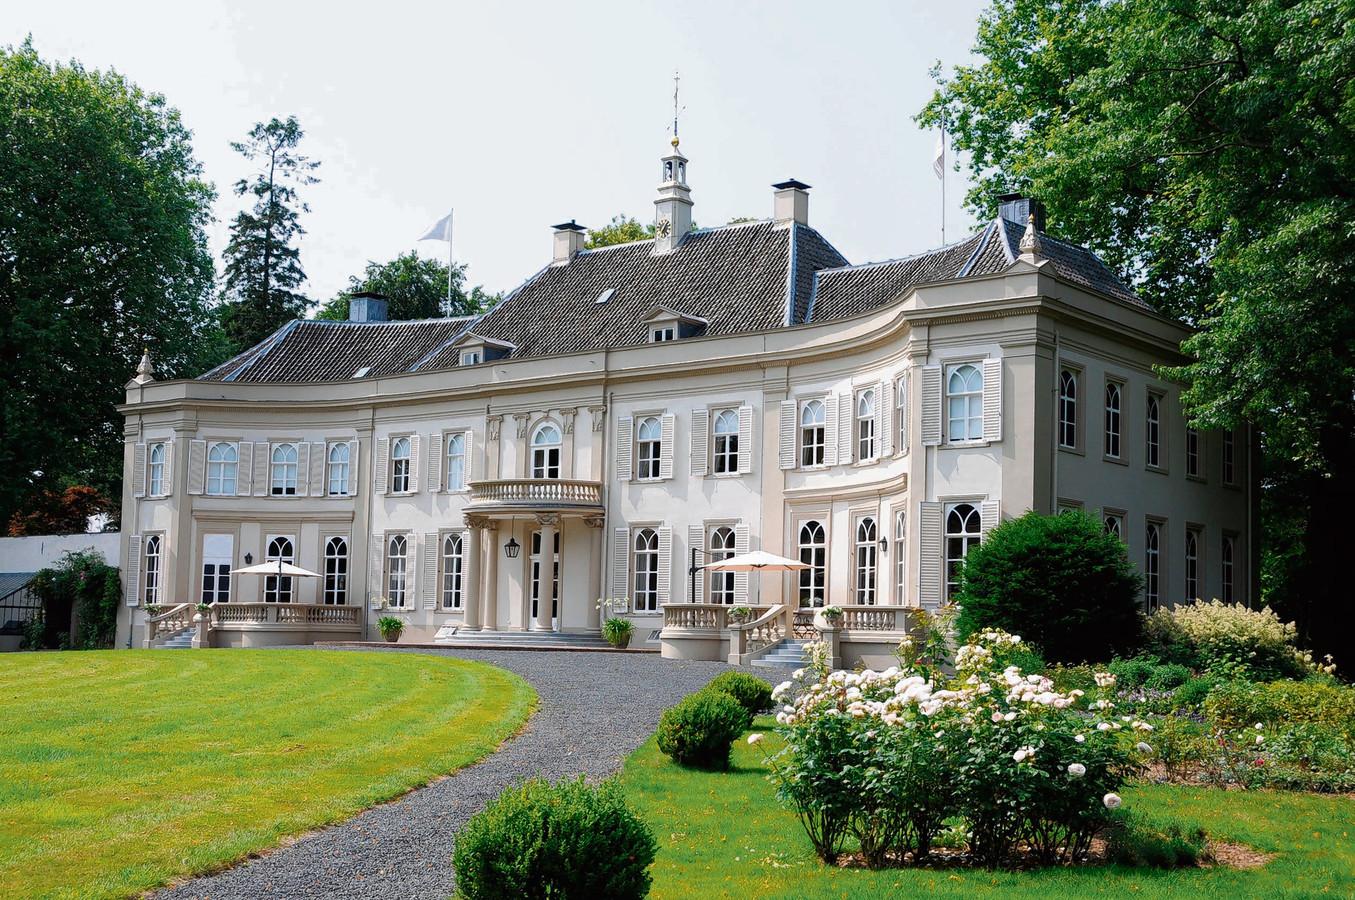 Duurste landhuis van gelderland met vraagprijs van 7 5 for Huizen te koop belgie